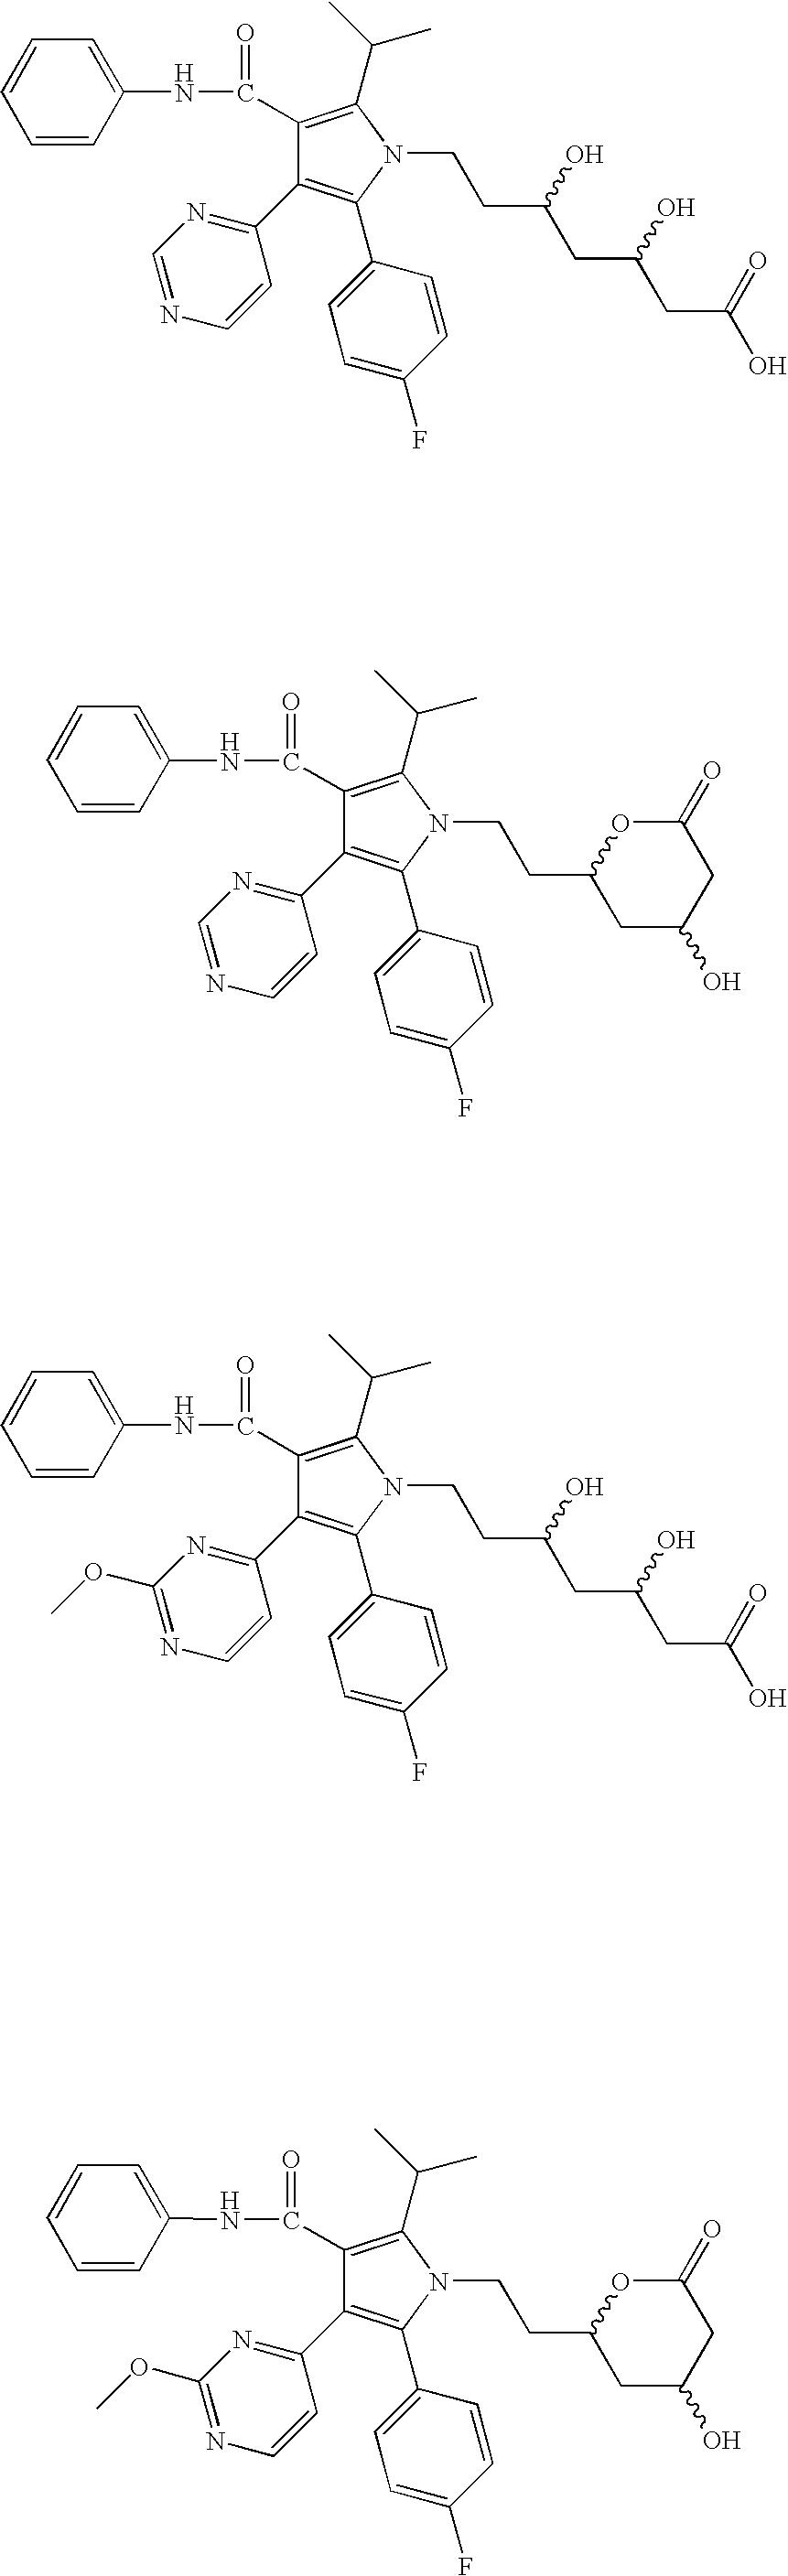 Figure US07183285-20070227-C00105